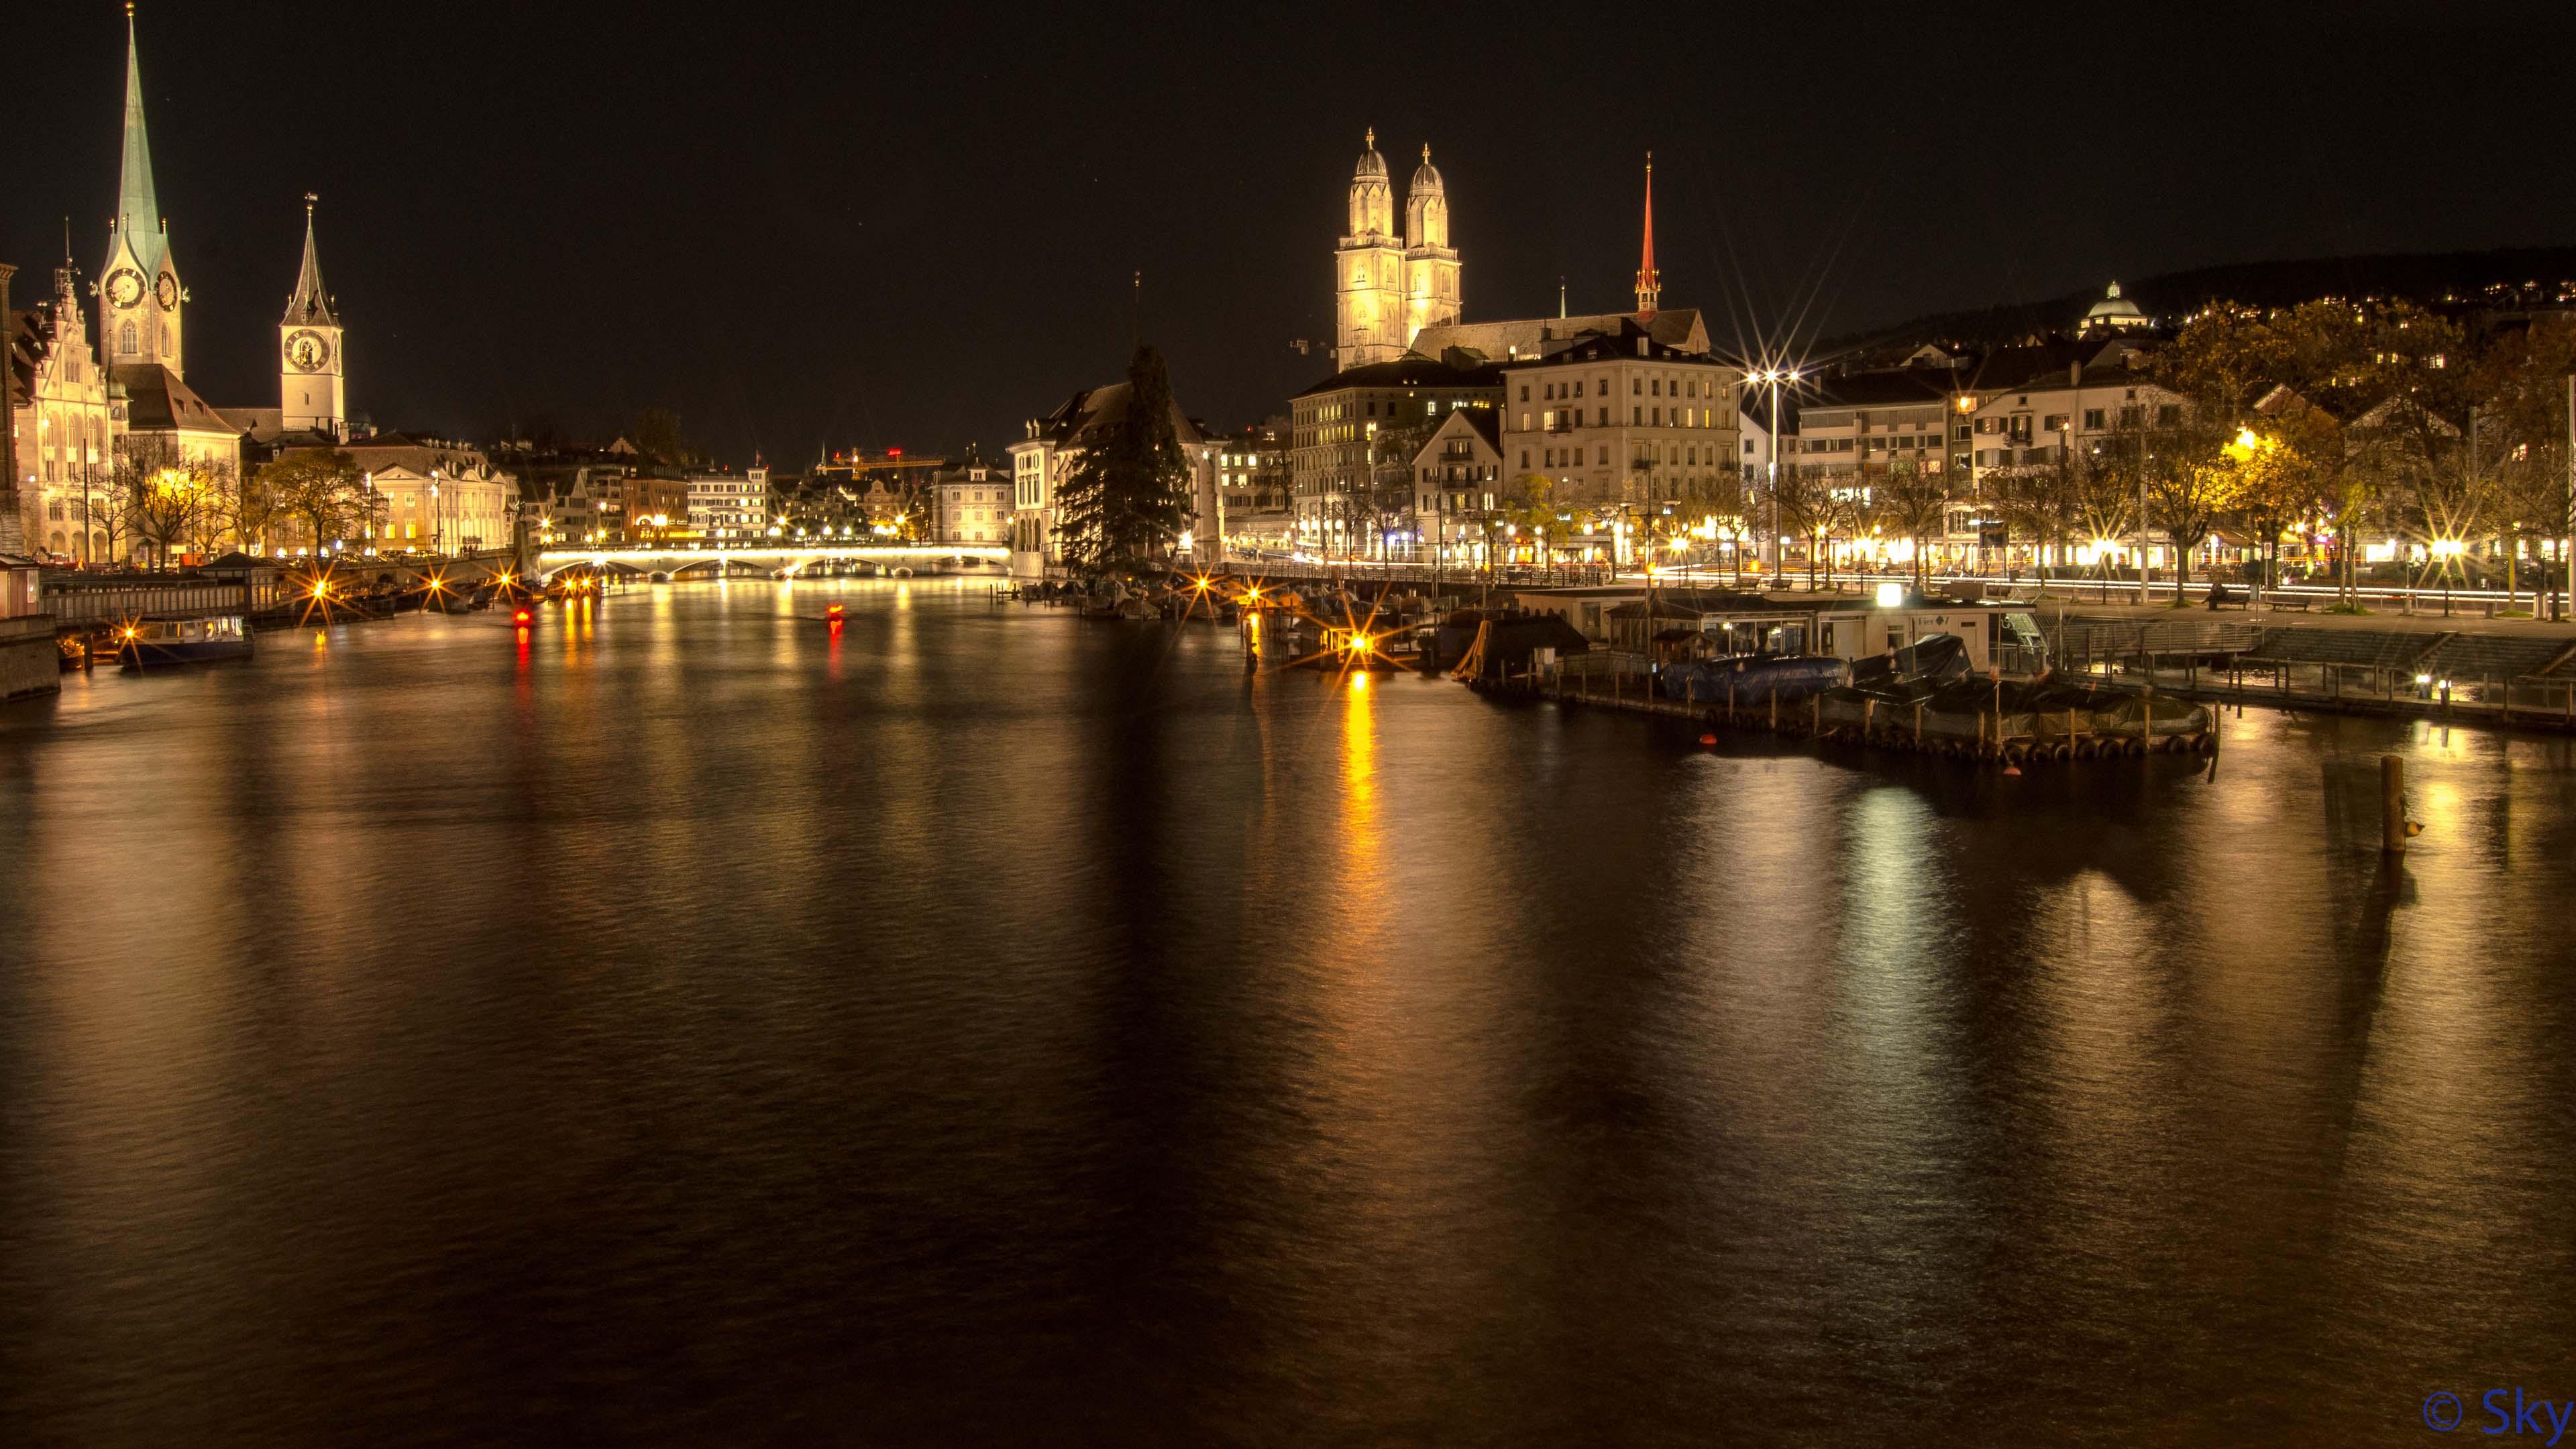 wallpaper zurich city lights ultra hd 4k 3840x2160